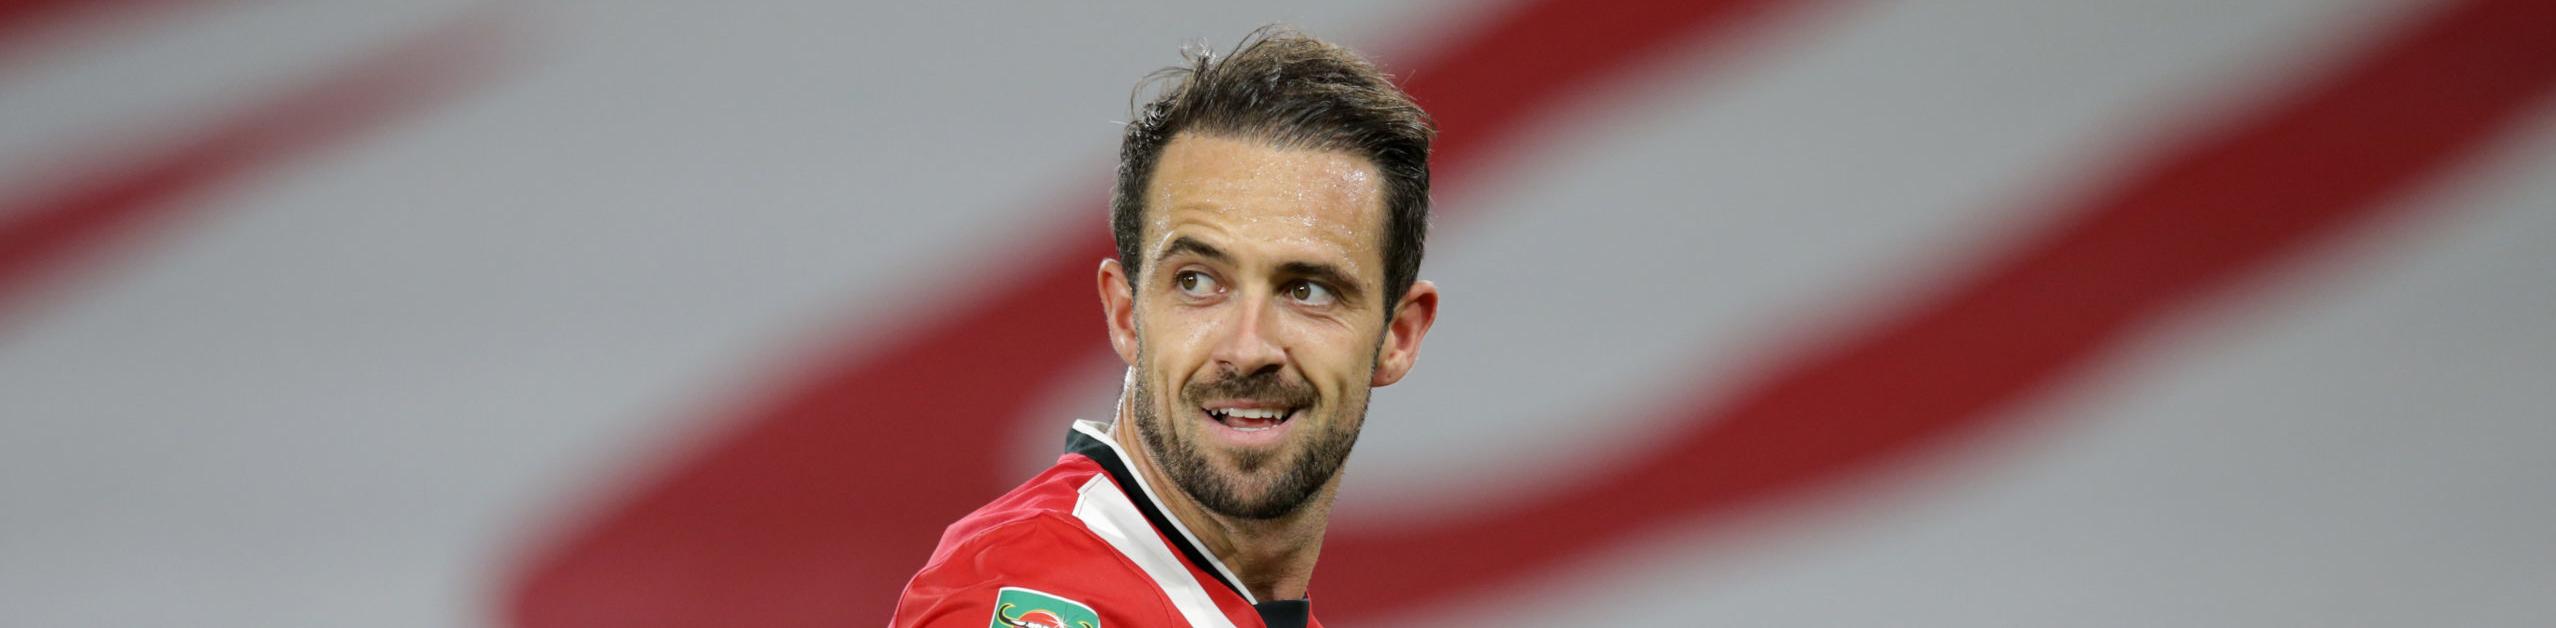 Pronostici Premier League: Southampton sogna, i due Manchester contro i fanalini di coda